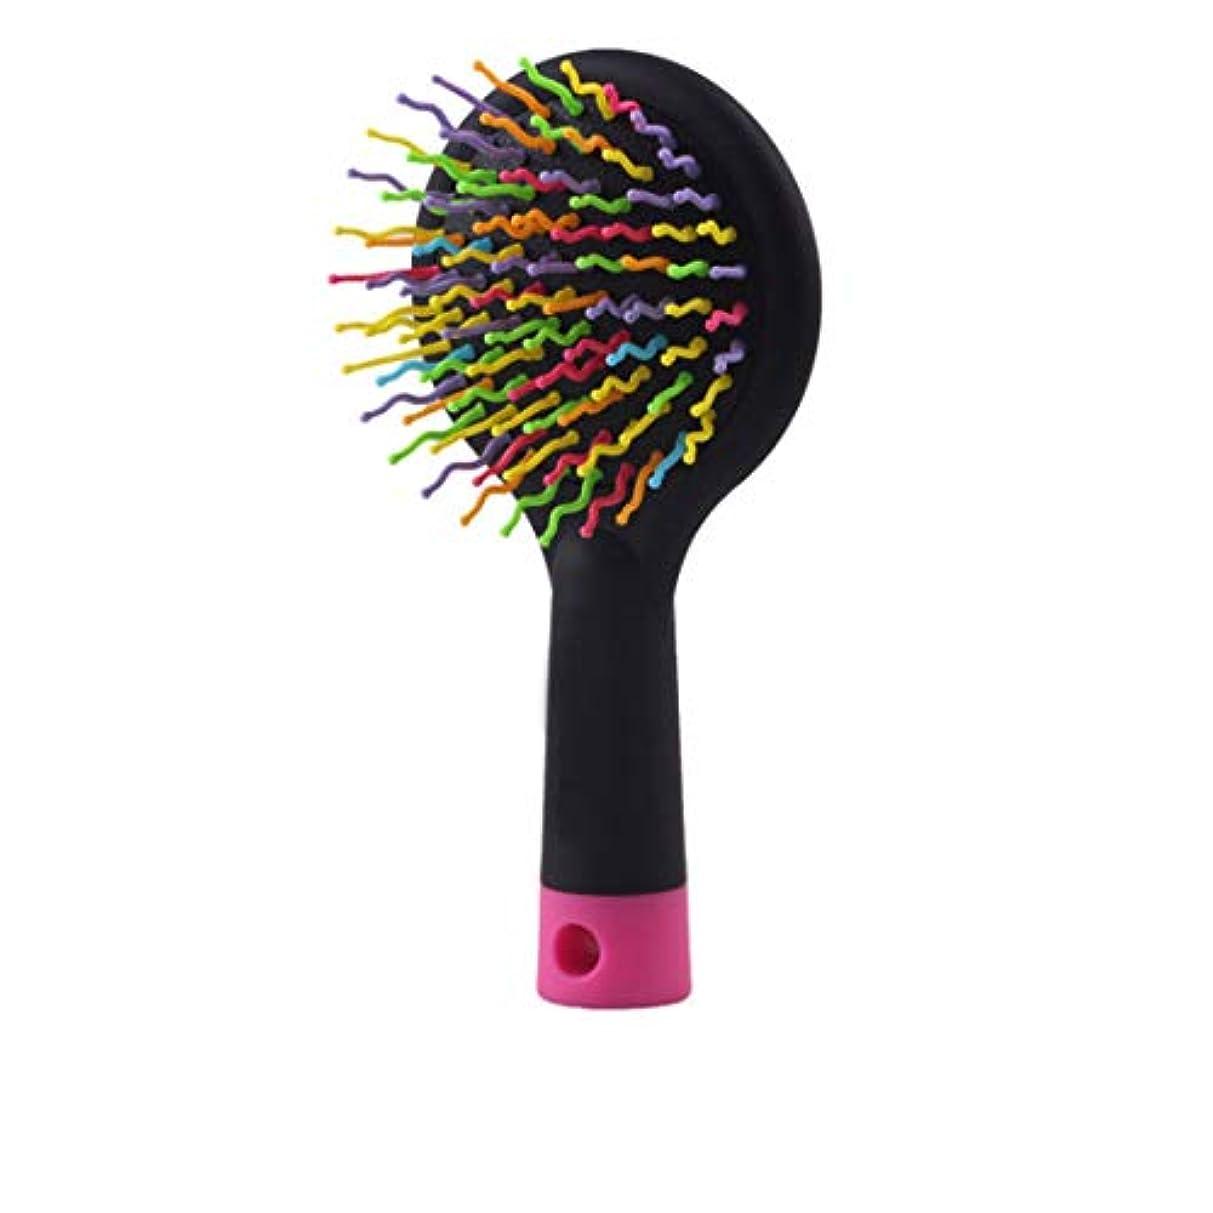 一貫性のないピジン落花生Guomao 2本のヘアブラシ、長い、太い、巻き毛、髪、髪の破損と縮れを減らす (色 : 黒)